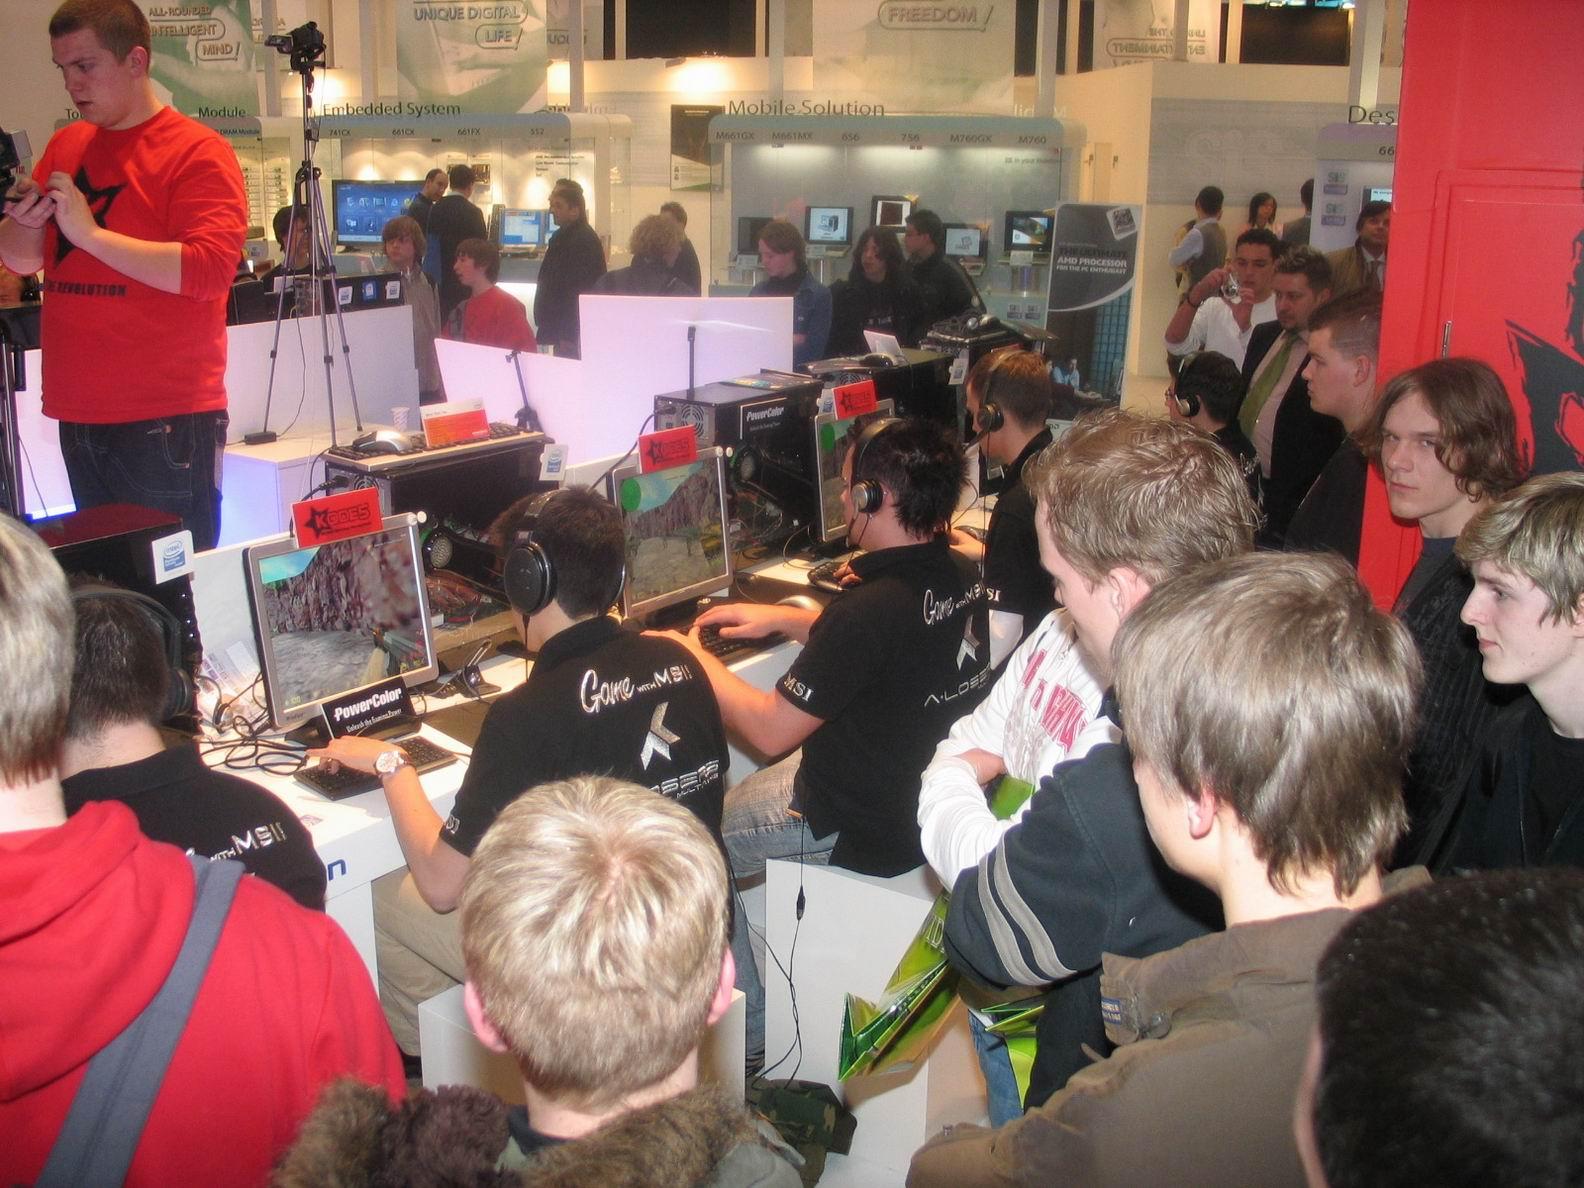 Requiem zur Cebit: Es war einmal die beste Messe - 2006 durften Aussteller immerhin kleinere E-Sport-Turniere zeigen. (Bild: Nico Ernst)